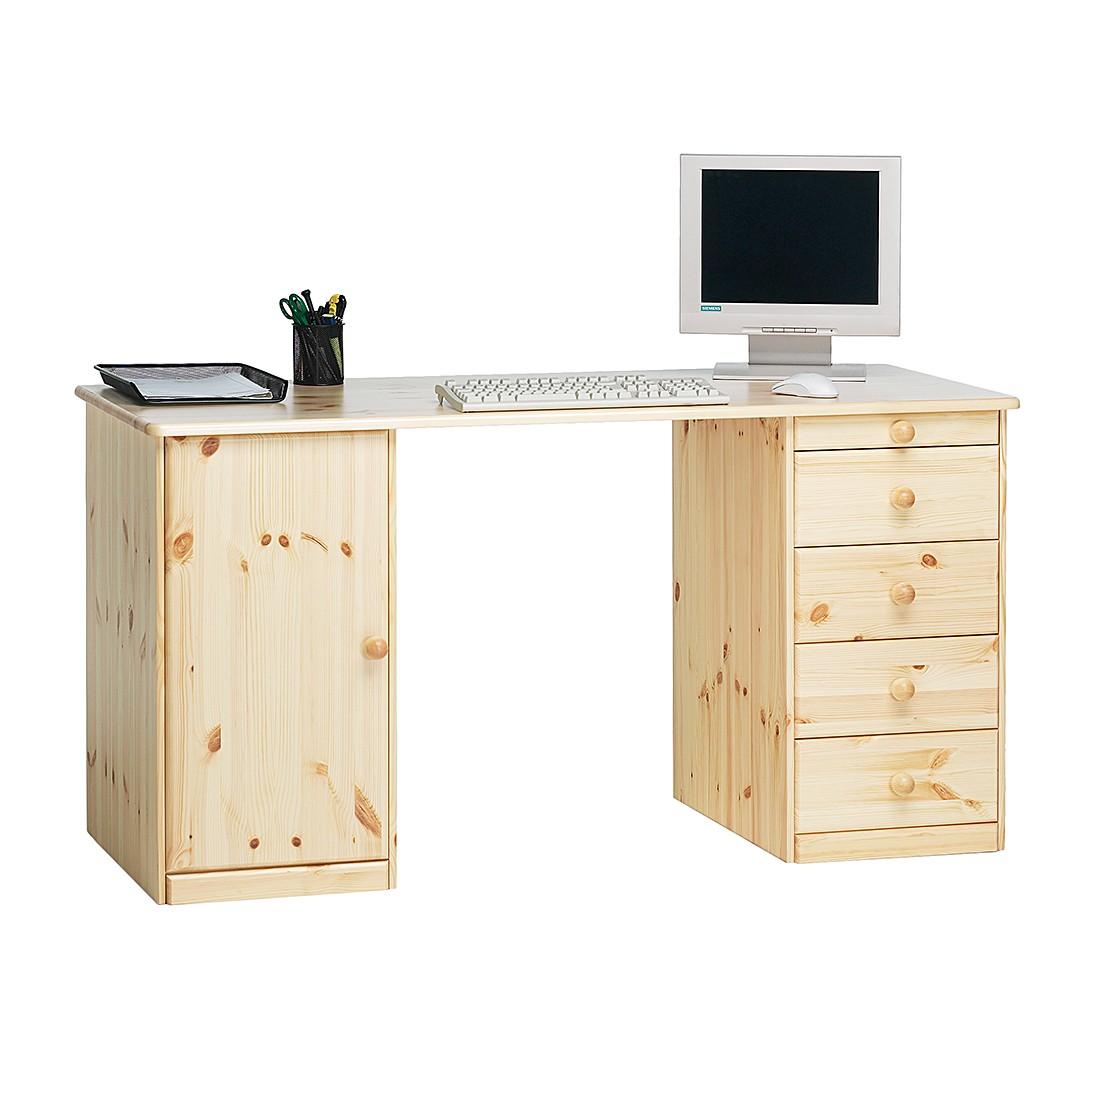 Schreibtisch Phillina I - Kiefer - Massivhaus - lackiert, Steens